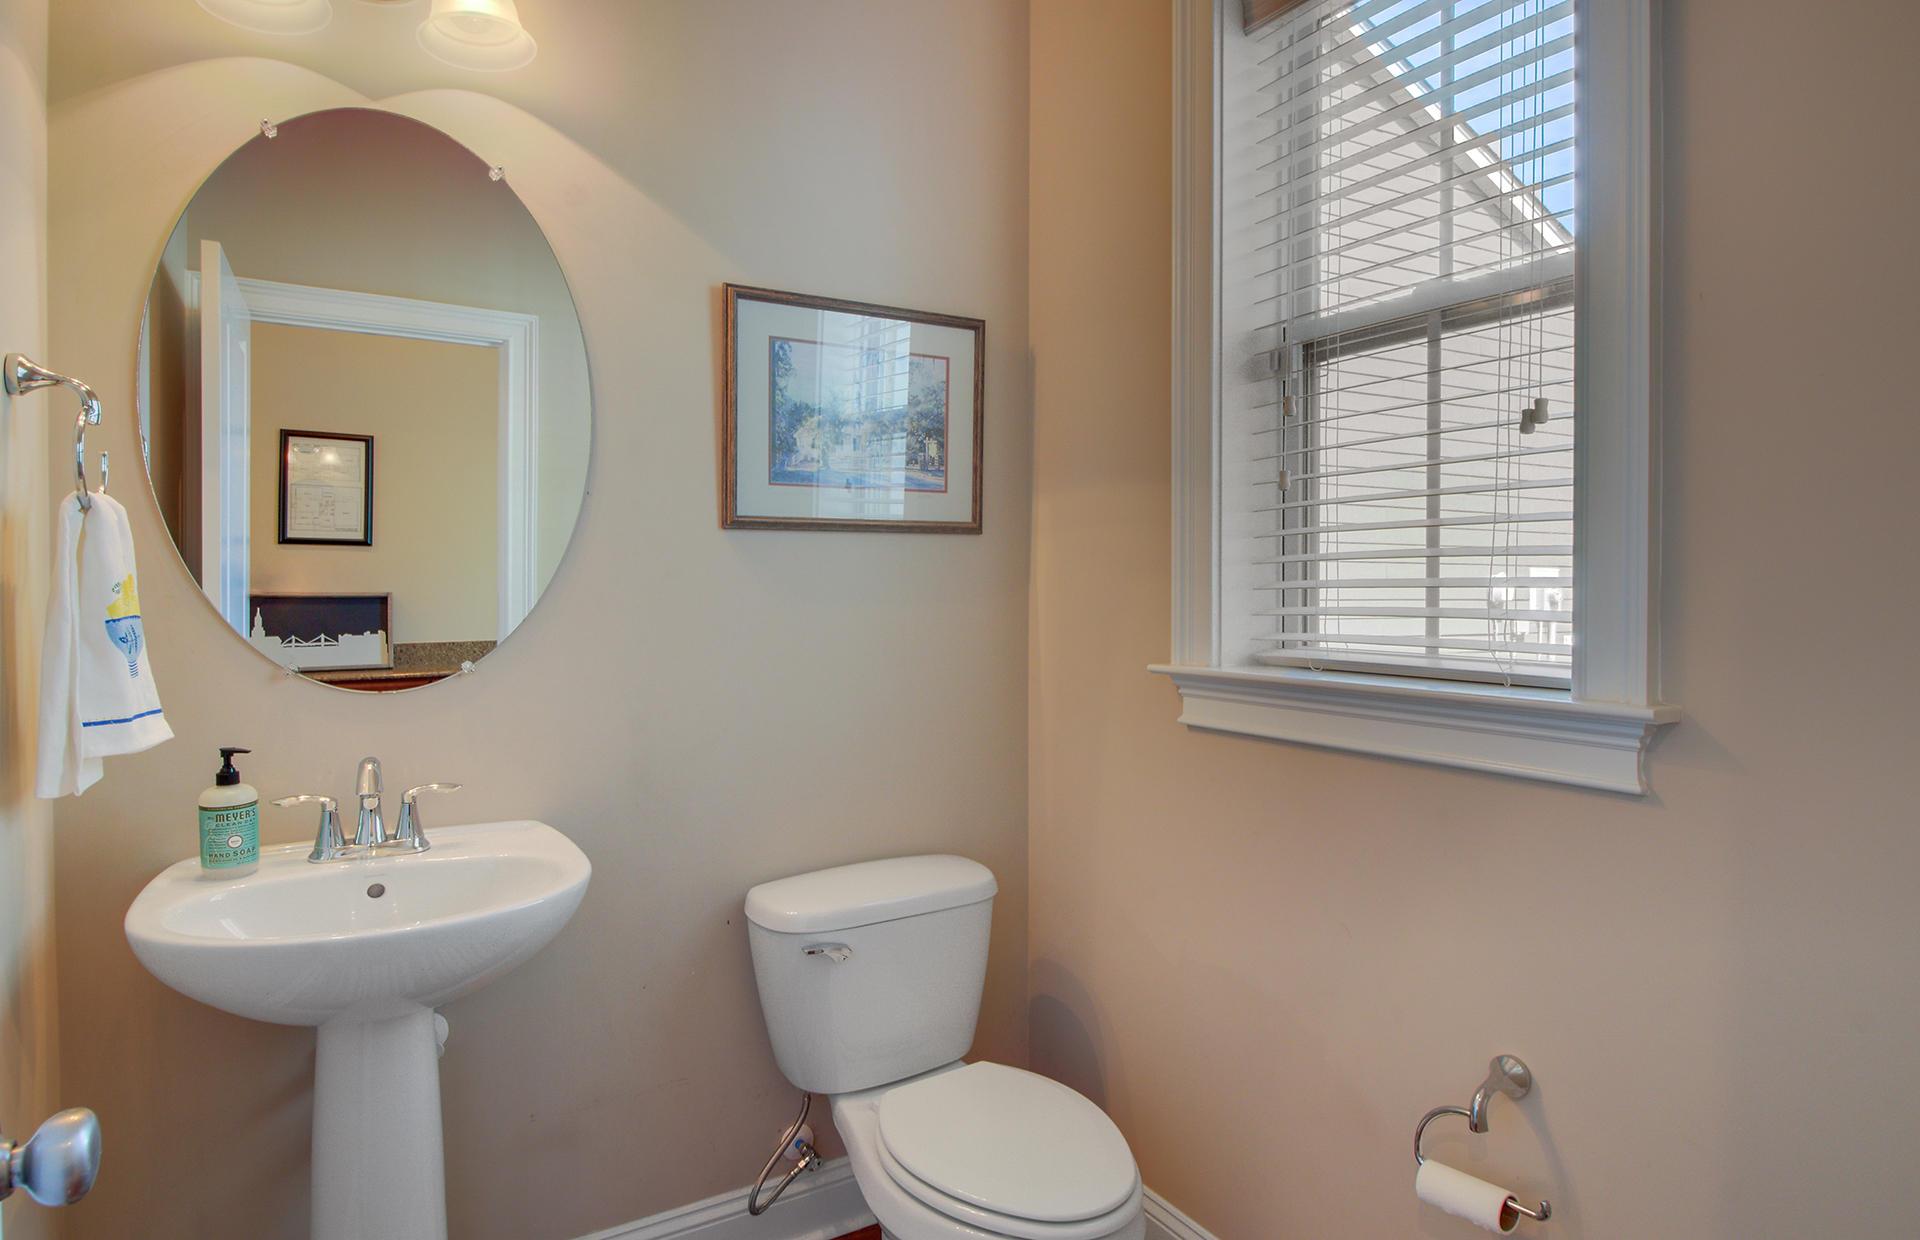 Boltons Landing Homes For Sale - 1749 Batten, Charleston, SC - 5